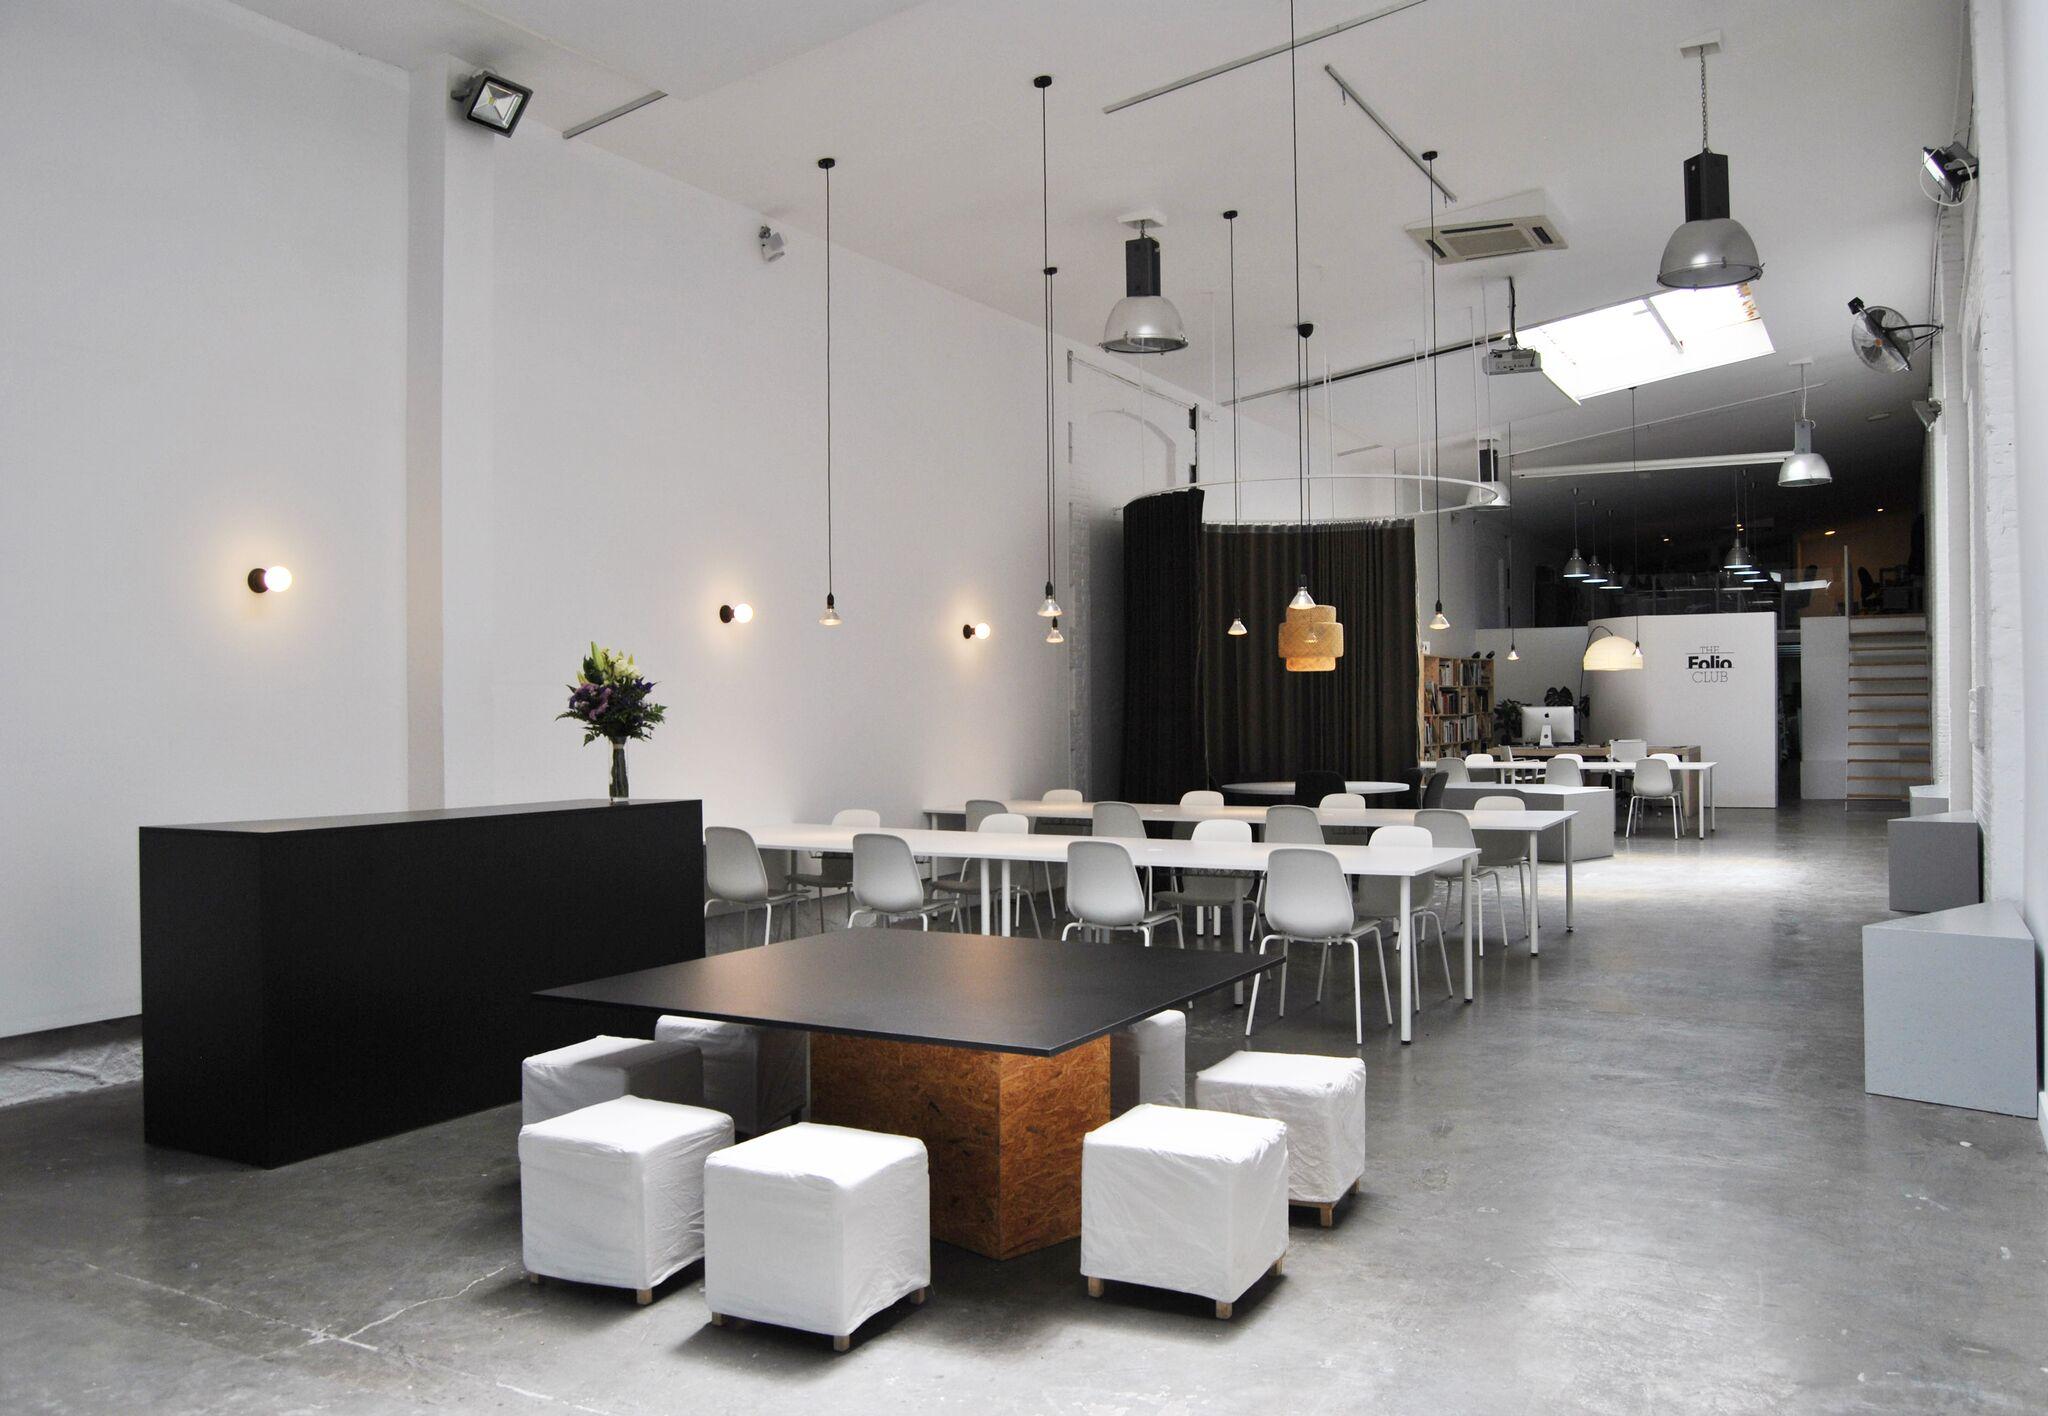 The Folio Club inaugura un exclusivo workspace